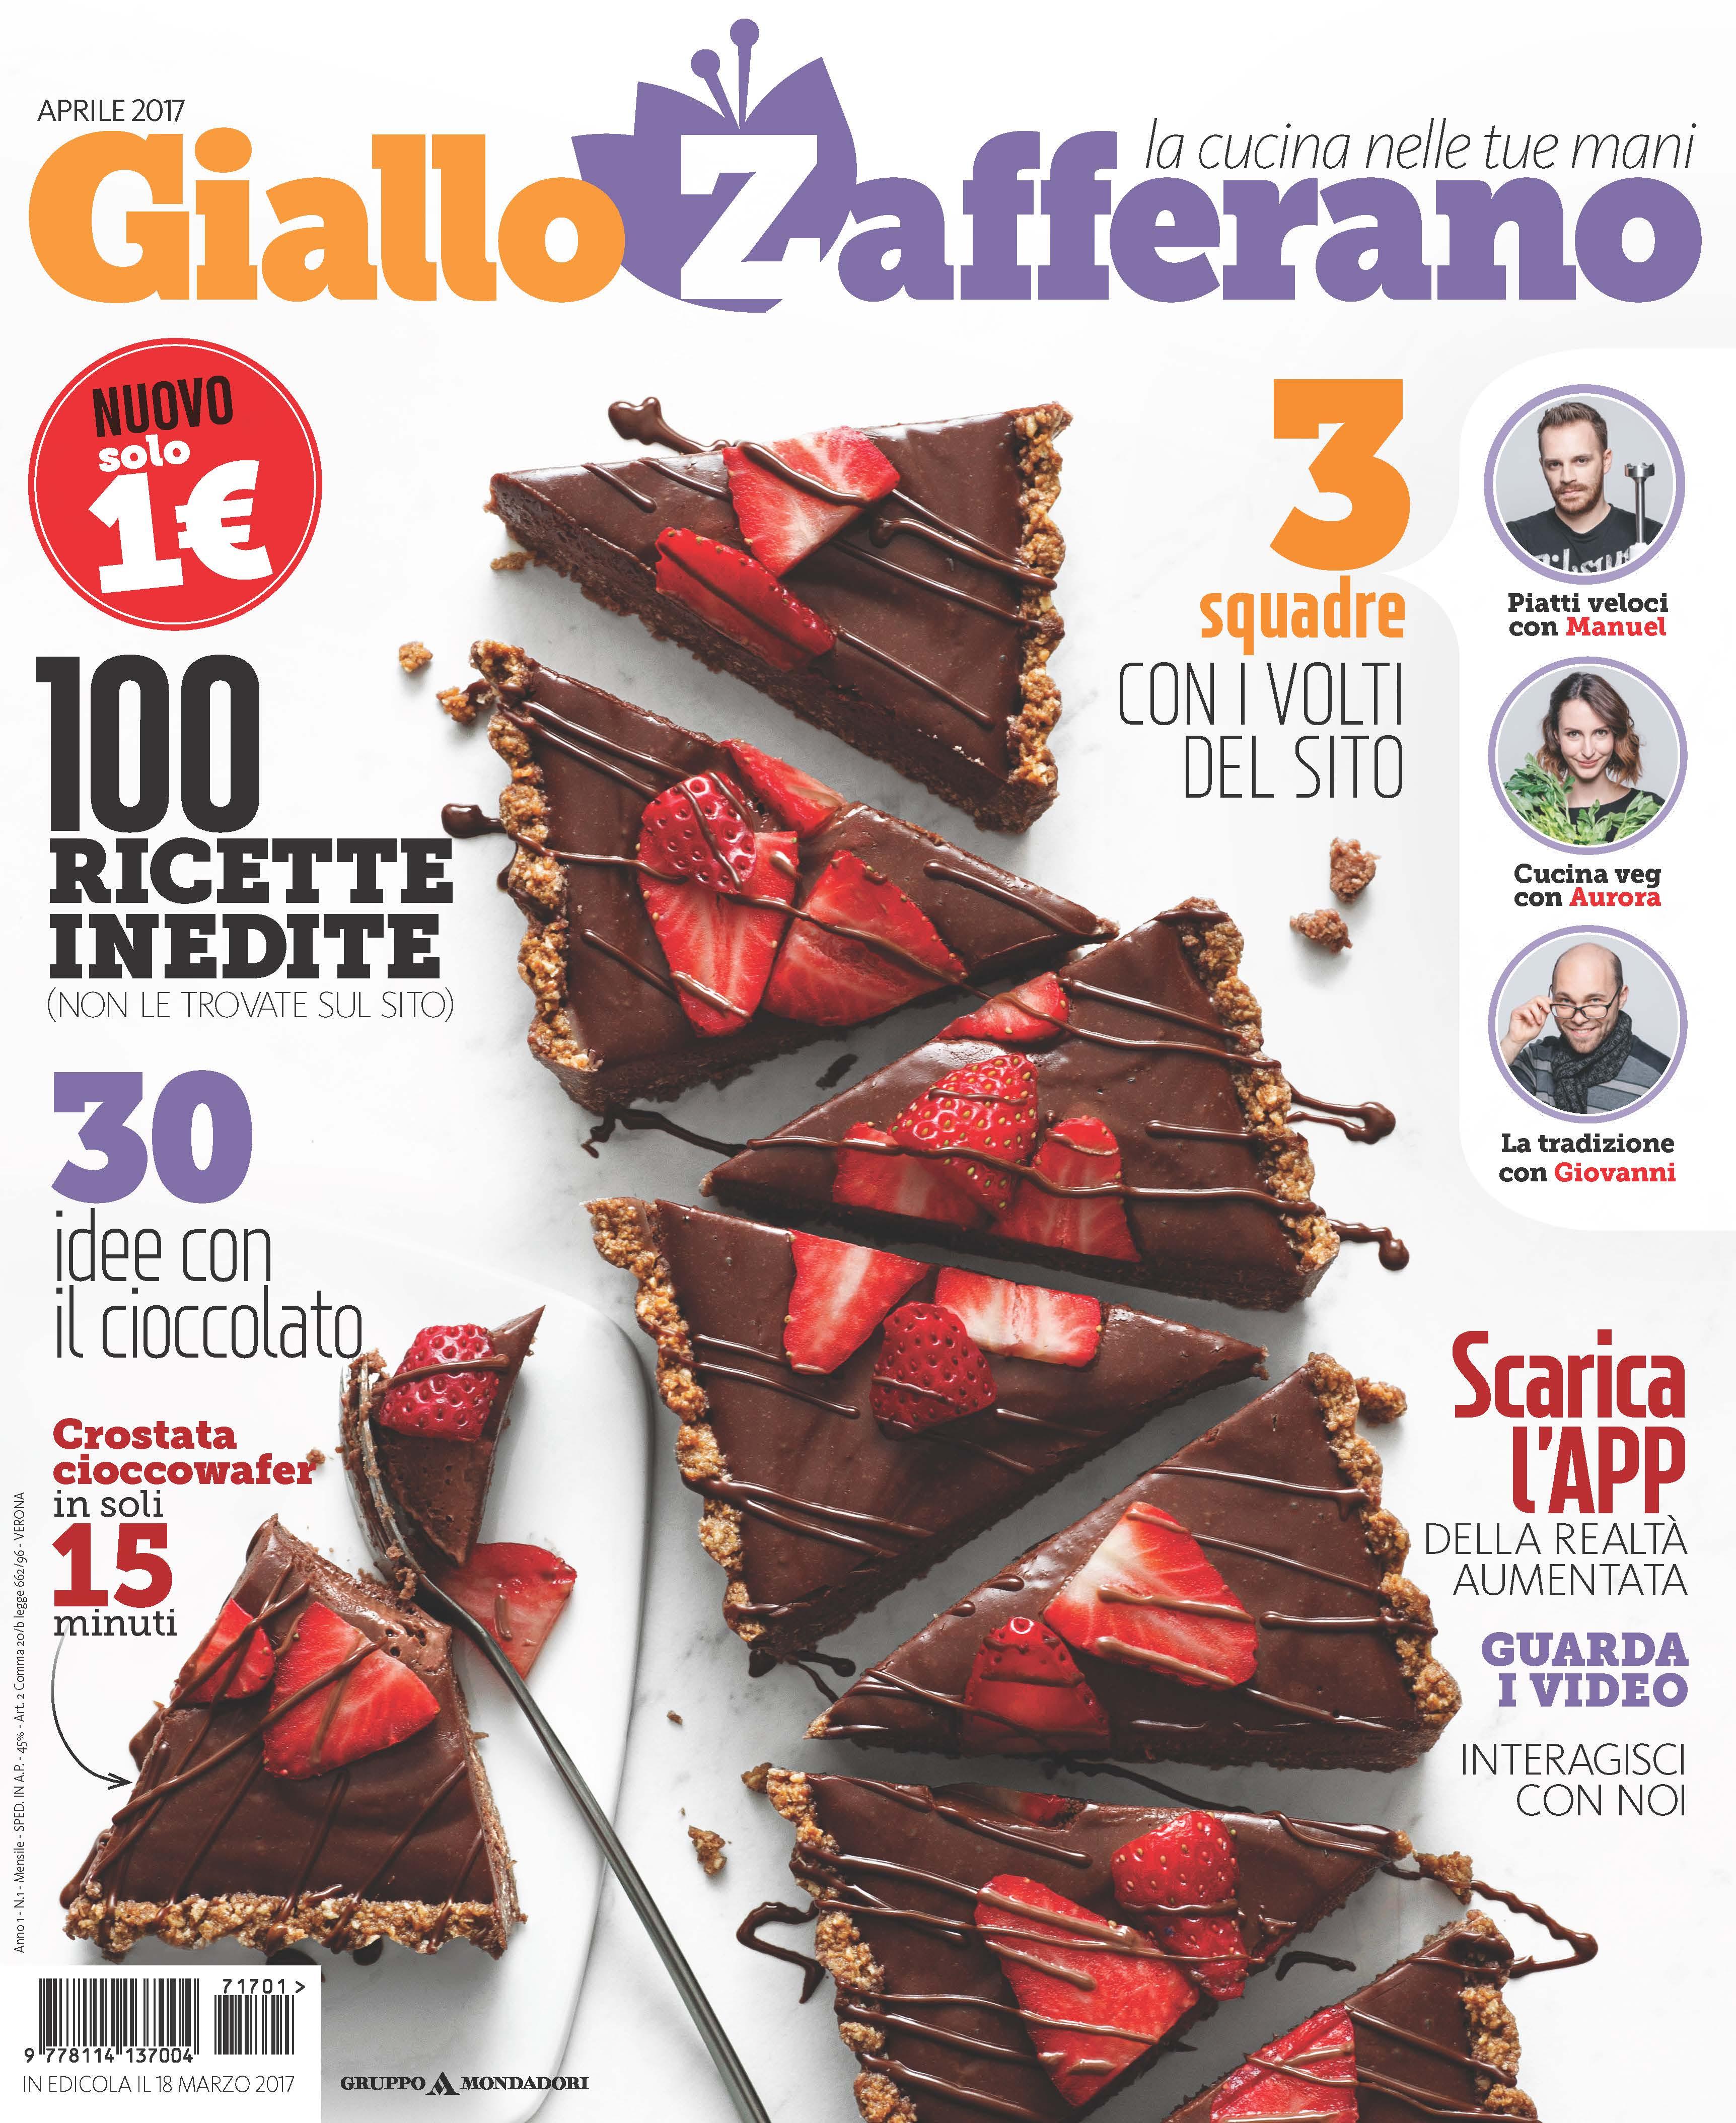 Giallo Zafferano - Editoria. Mire espansionistiche per Mondadori: si punta all'estero e a nuovi prodotti